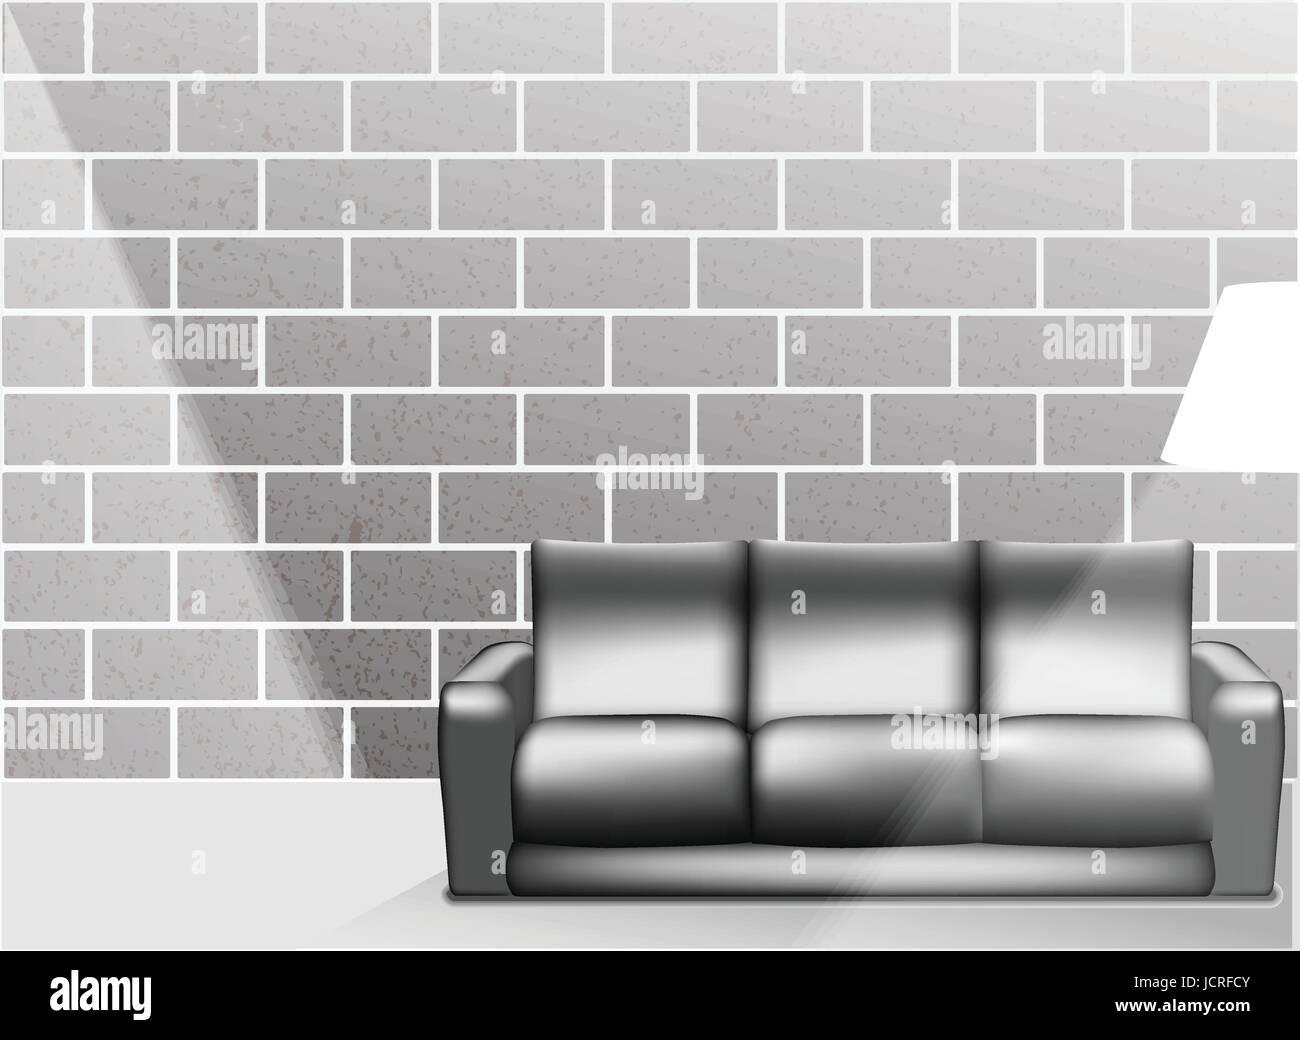 Wohnzimmer Innenraum mit weißen Sofa und Steinblock in ...